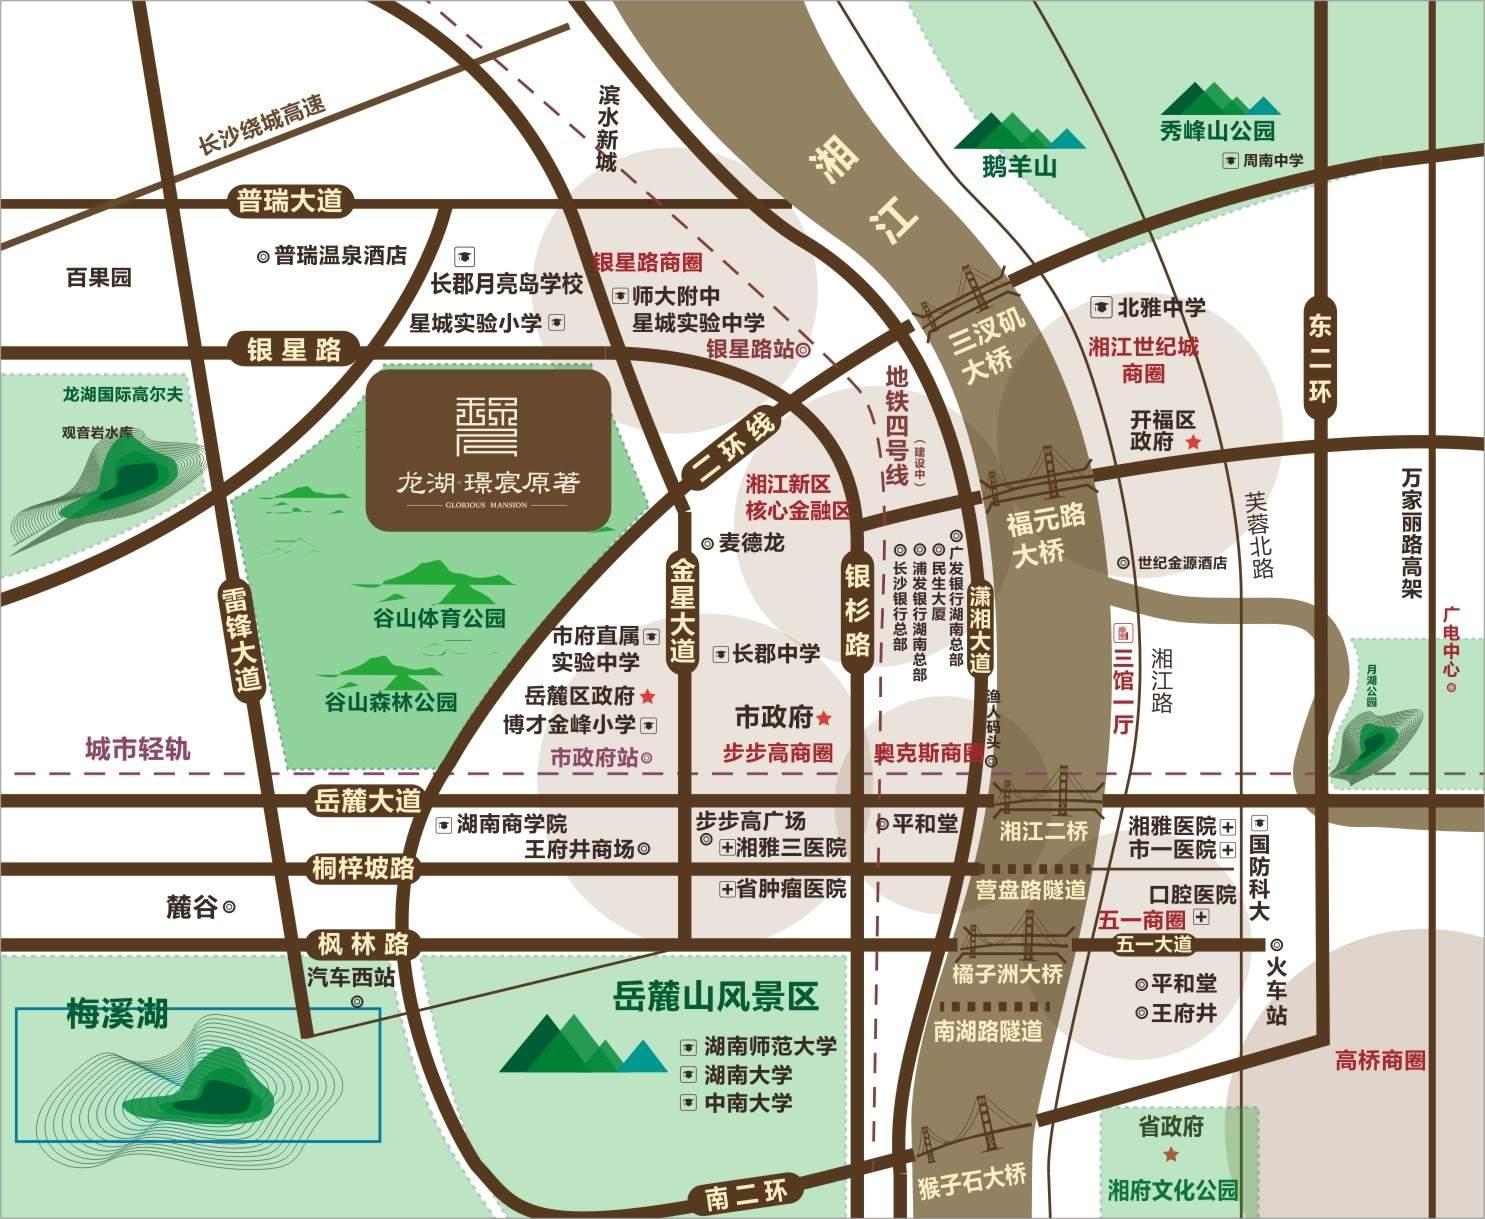 龙湖璟宸原著位置图